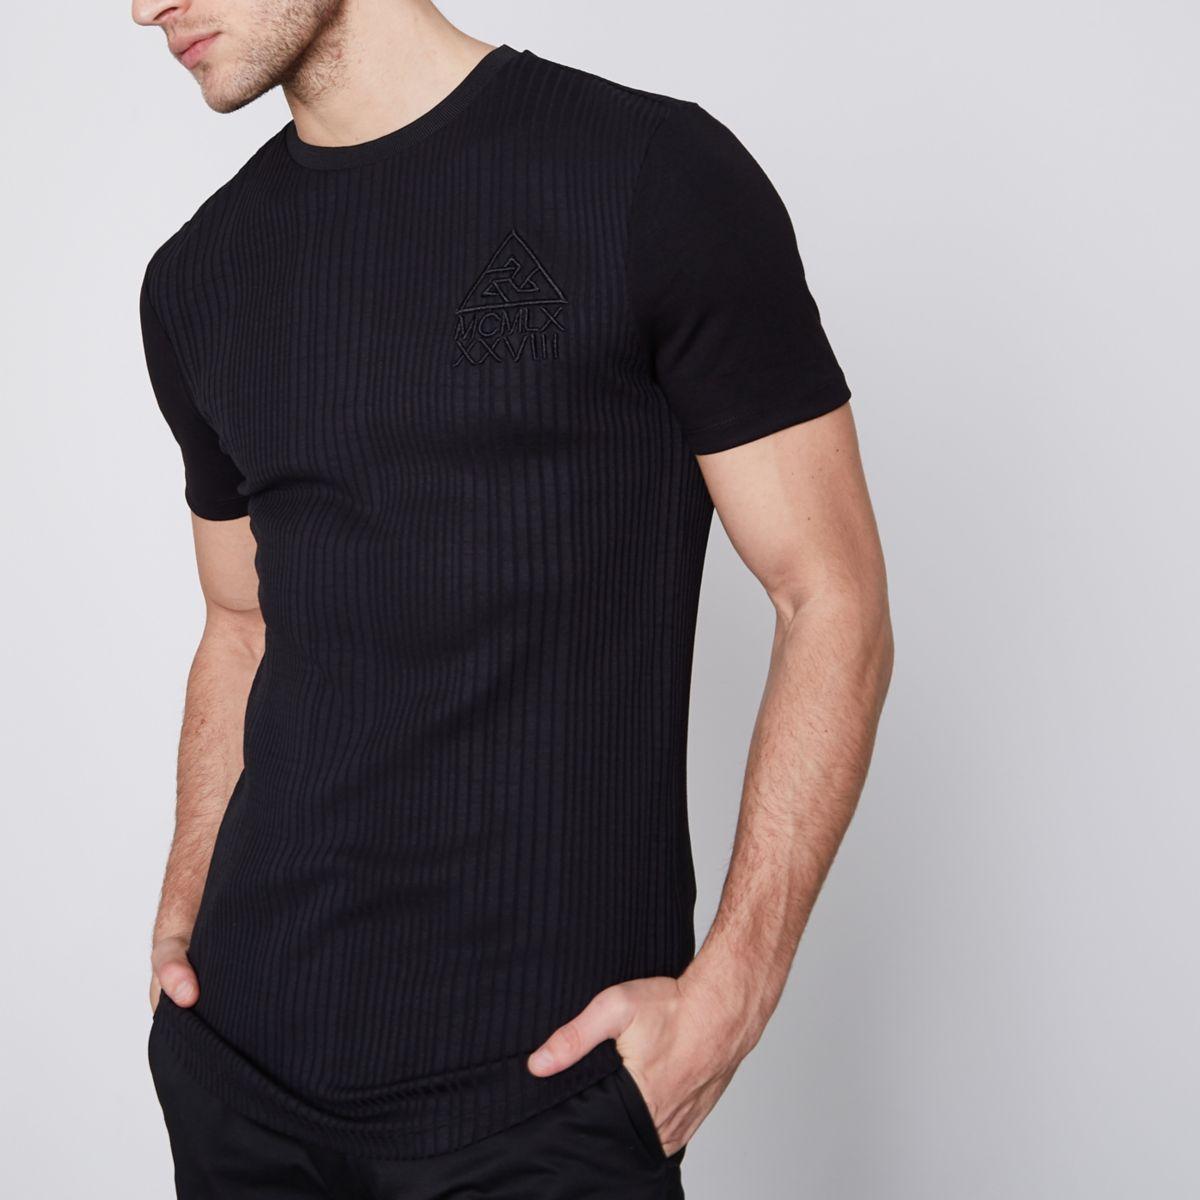 Schwarzes, langes Muscle Fit T-Shirt